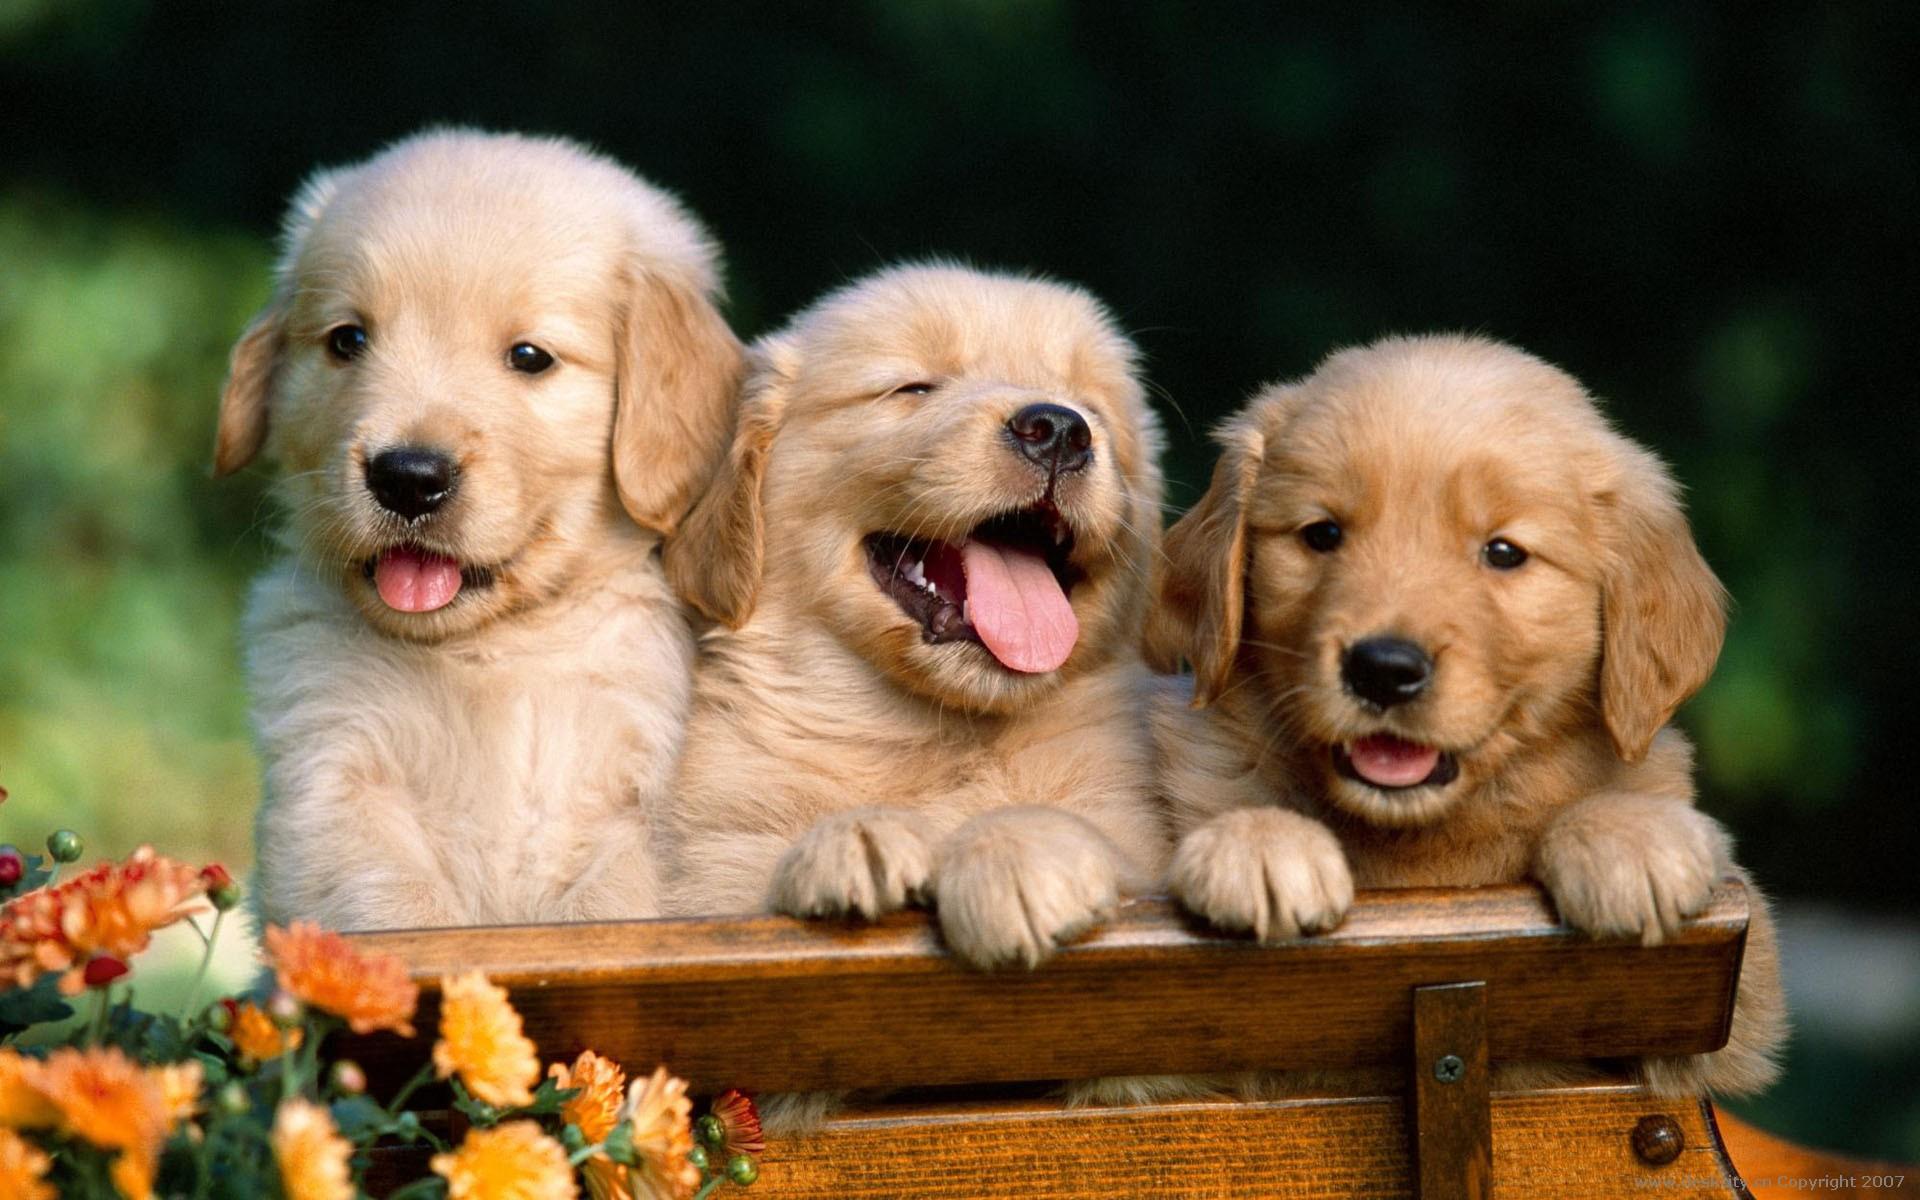 100枚 動物のかわいい かっこいい高画質壁紙画像まとめ 猫 犬 きつねなど 写真まとめサイト Pictas